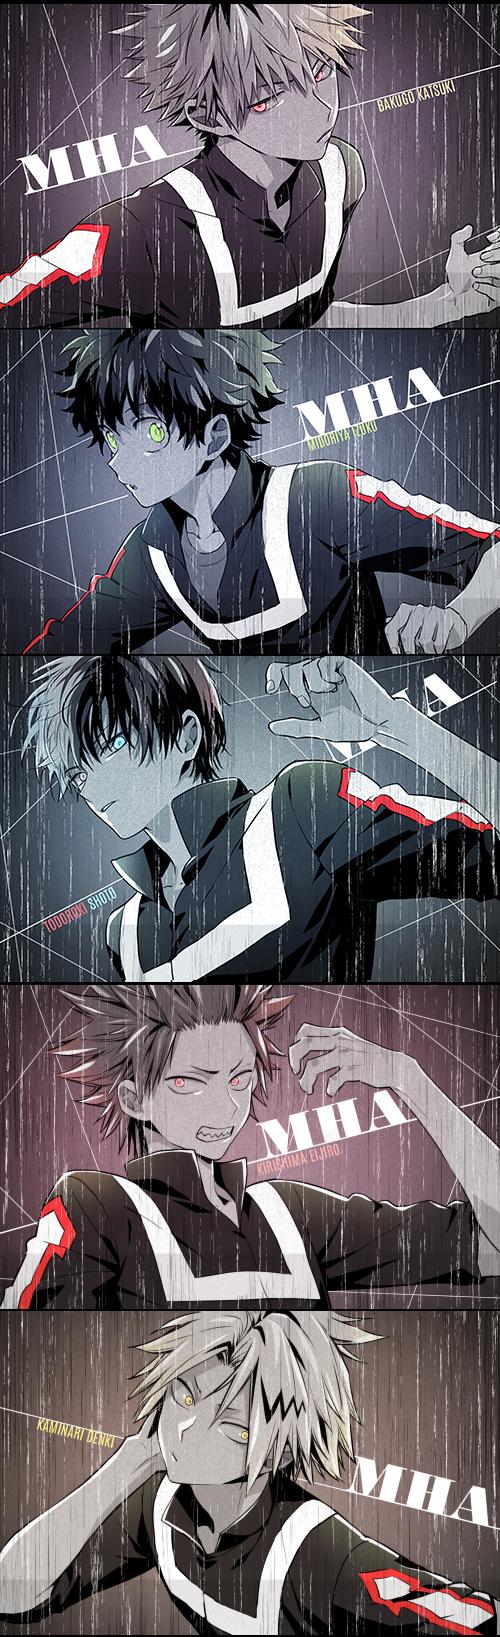 Tags: Anime, enick, Boku no Hero Academia, Bakugou Katsuki, Midoriya Izuku, Kirishima Eijirou, Kaminari Denki, Todoroki Shouto, Pixiv, Fanart, Fanart From Pixiv, My Hero Academia